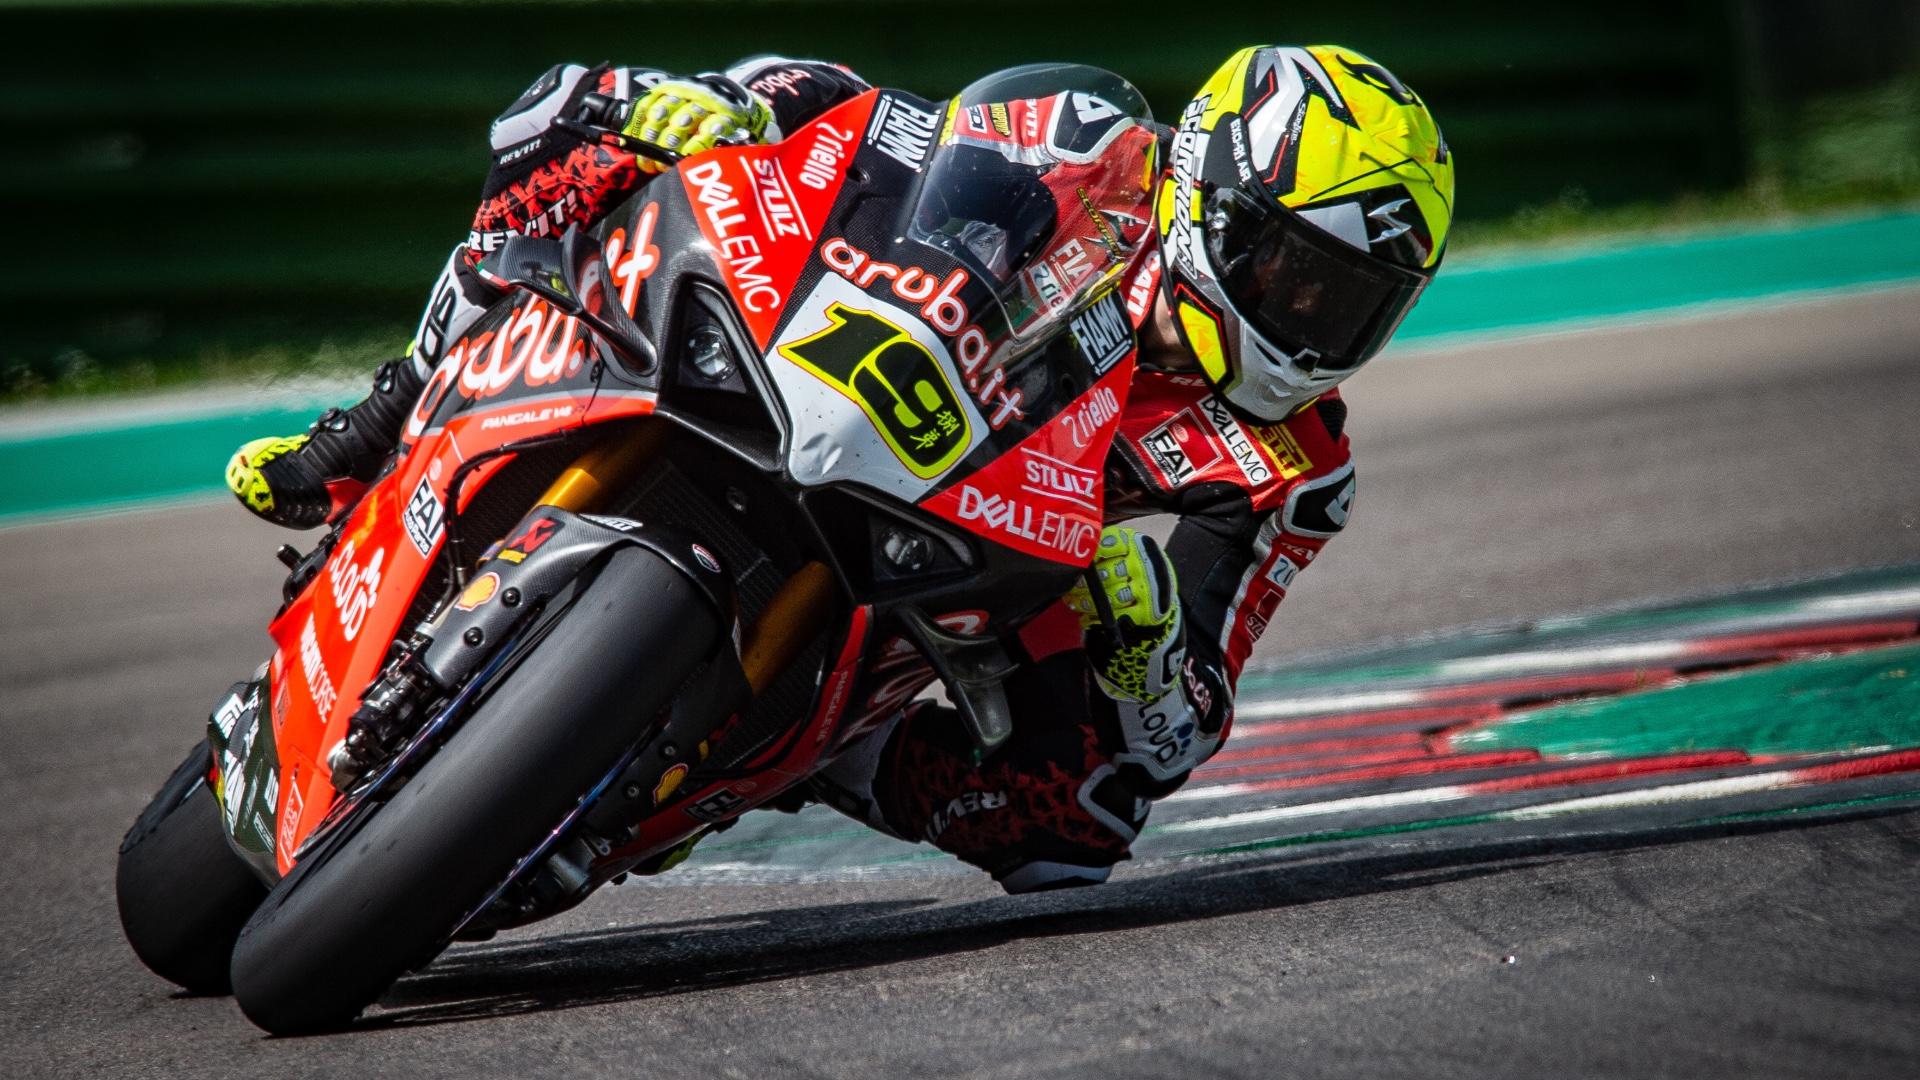 A Imola arriva il Mondiale Superbike. Bautista il pilota da battere nel quinto round della stagione.